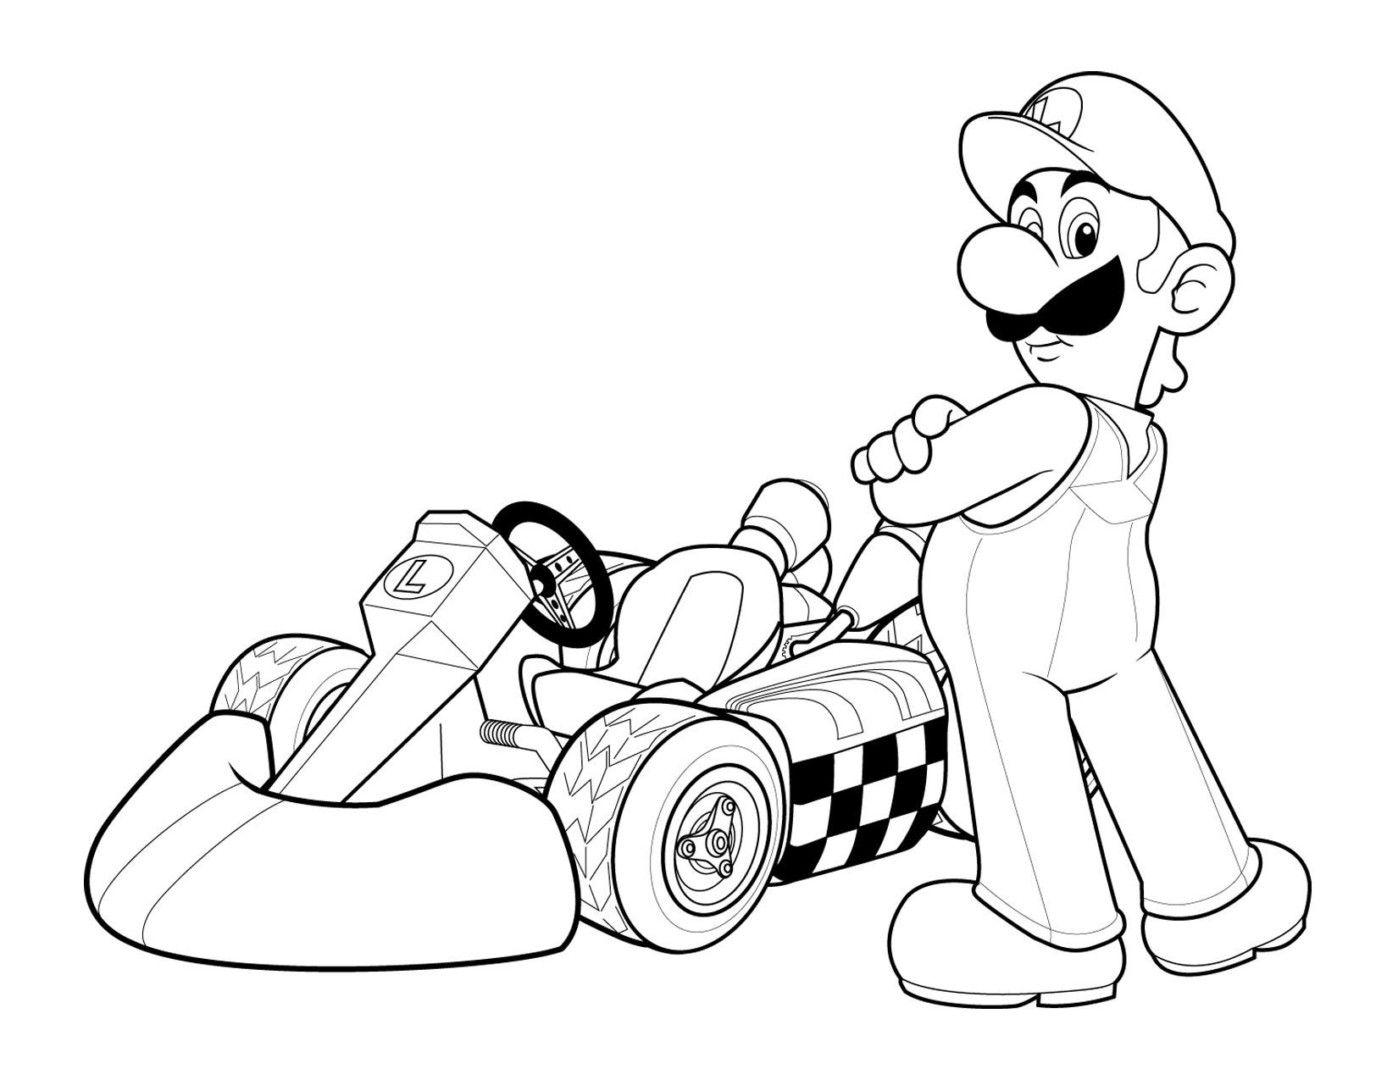 Nett Ausmalbilder Donkey Kong Mario Kart Zeitgenössisch ...